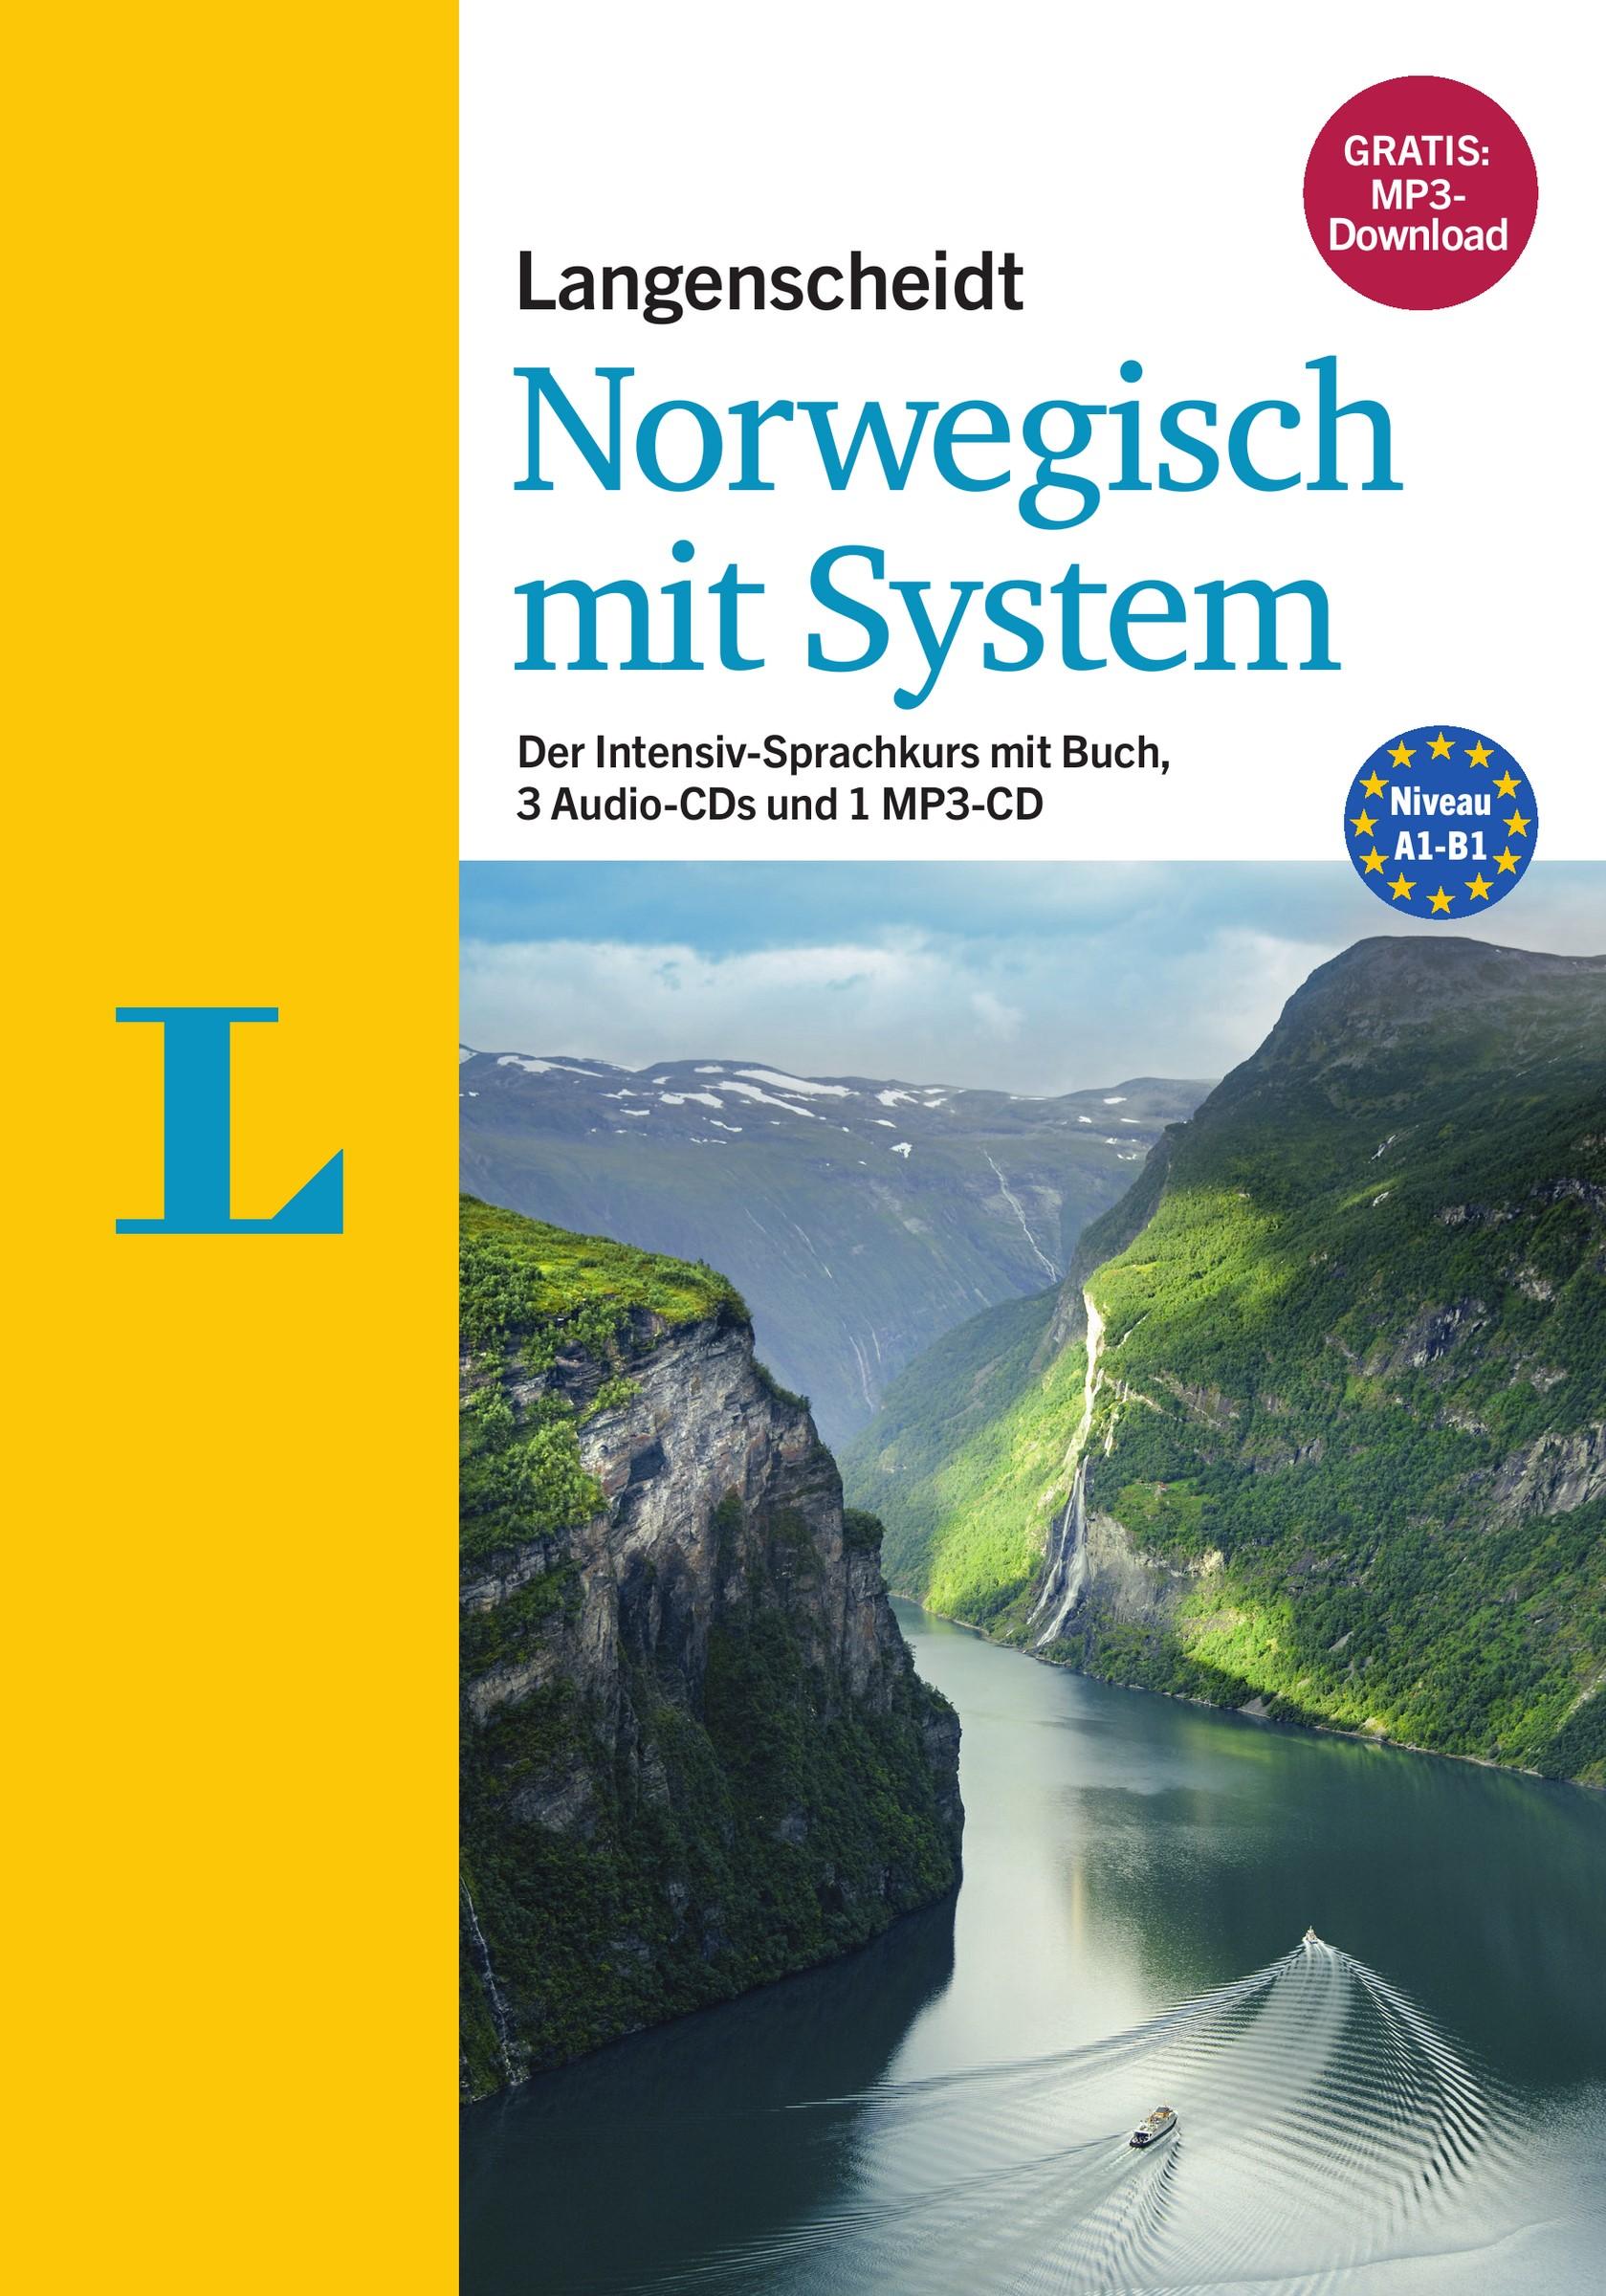 Langenscheidt Norwegisch mit System - Sprachkurs für Anfänger und Fortgeschrittene | Aas / Langenscheidt, 2016 | Buch (Cover)